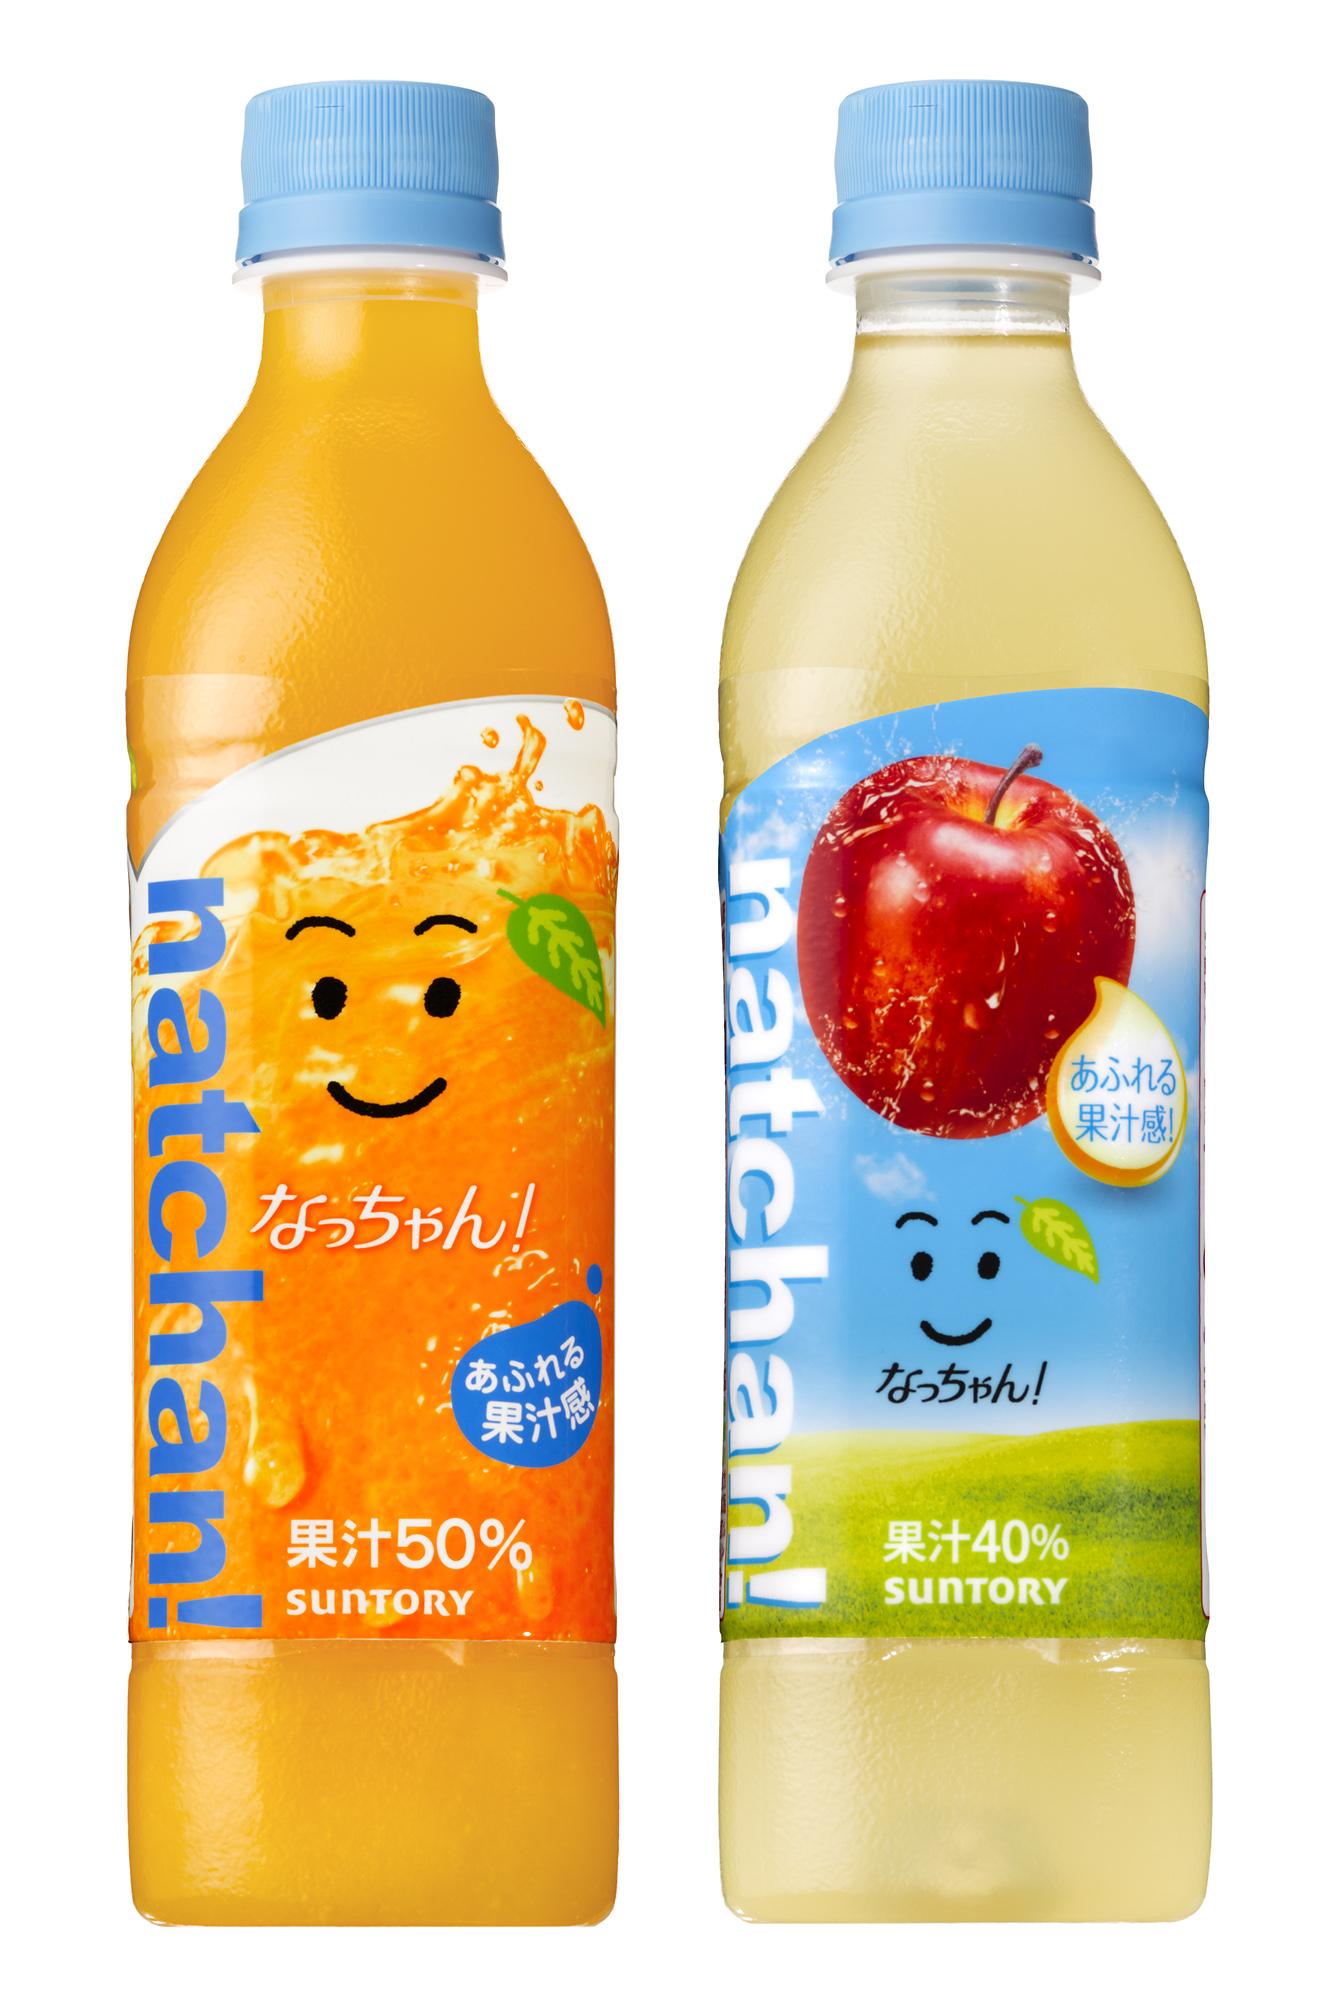 「なっちゃん オレンジ」「なっちゃん りんご」リニューアル新発売